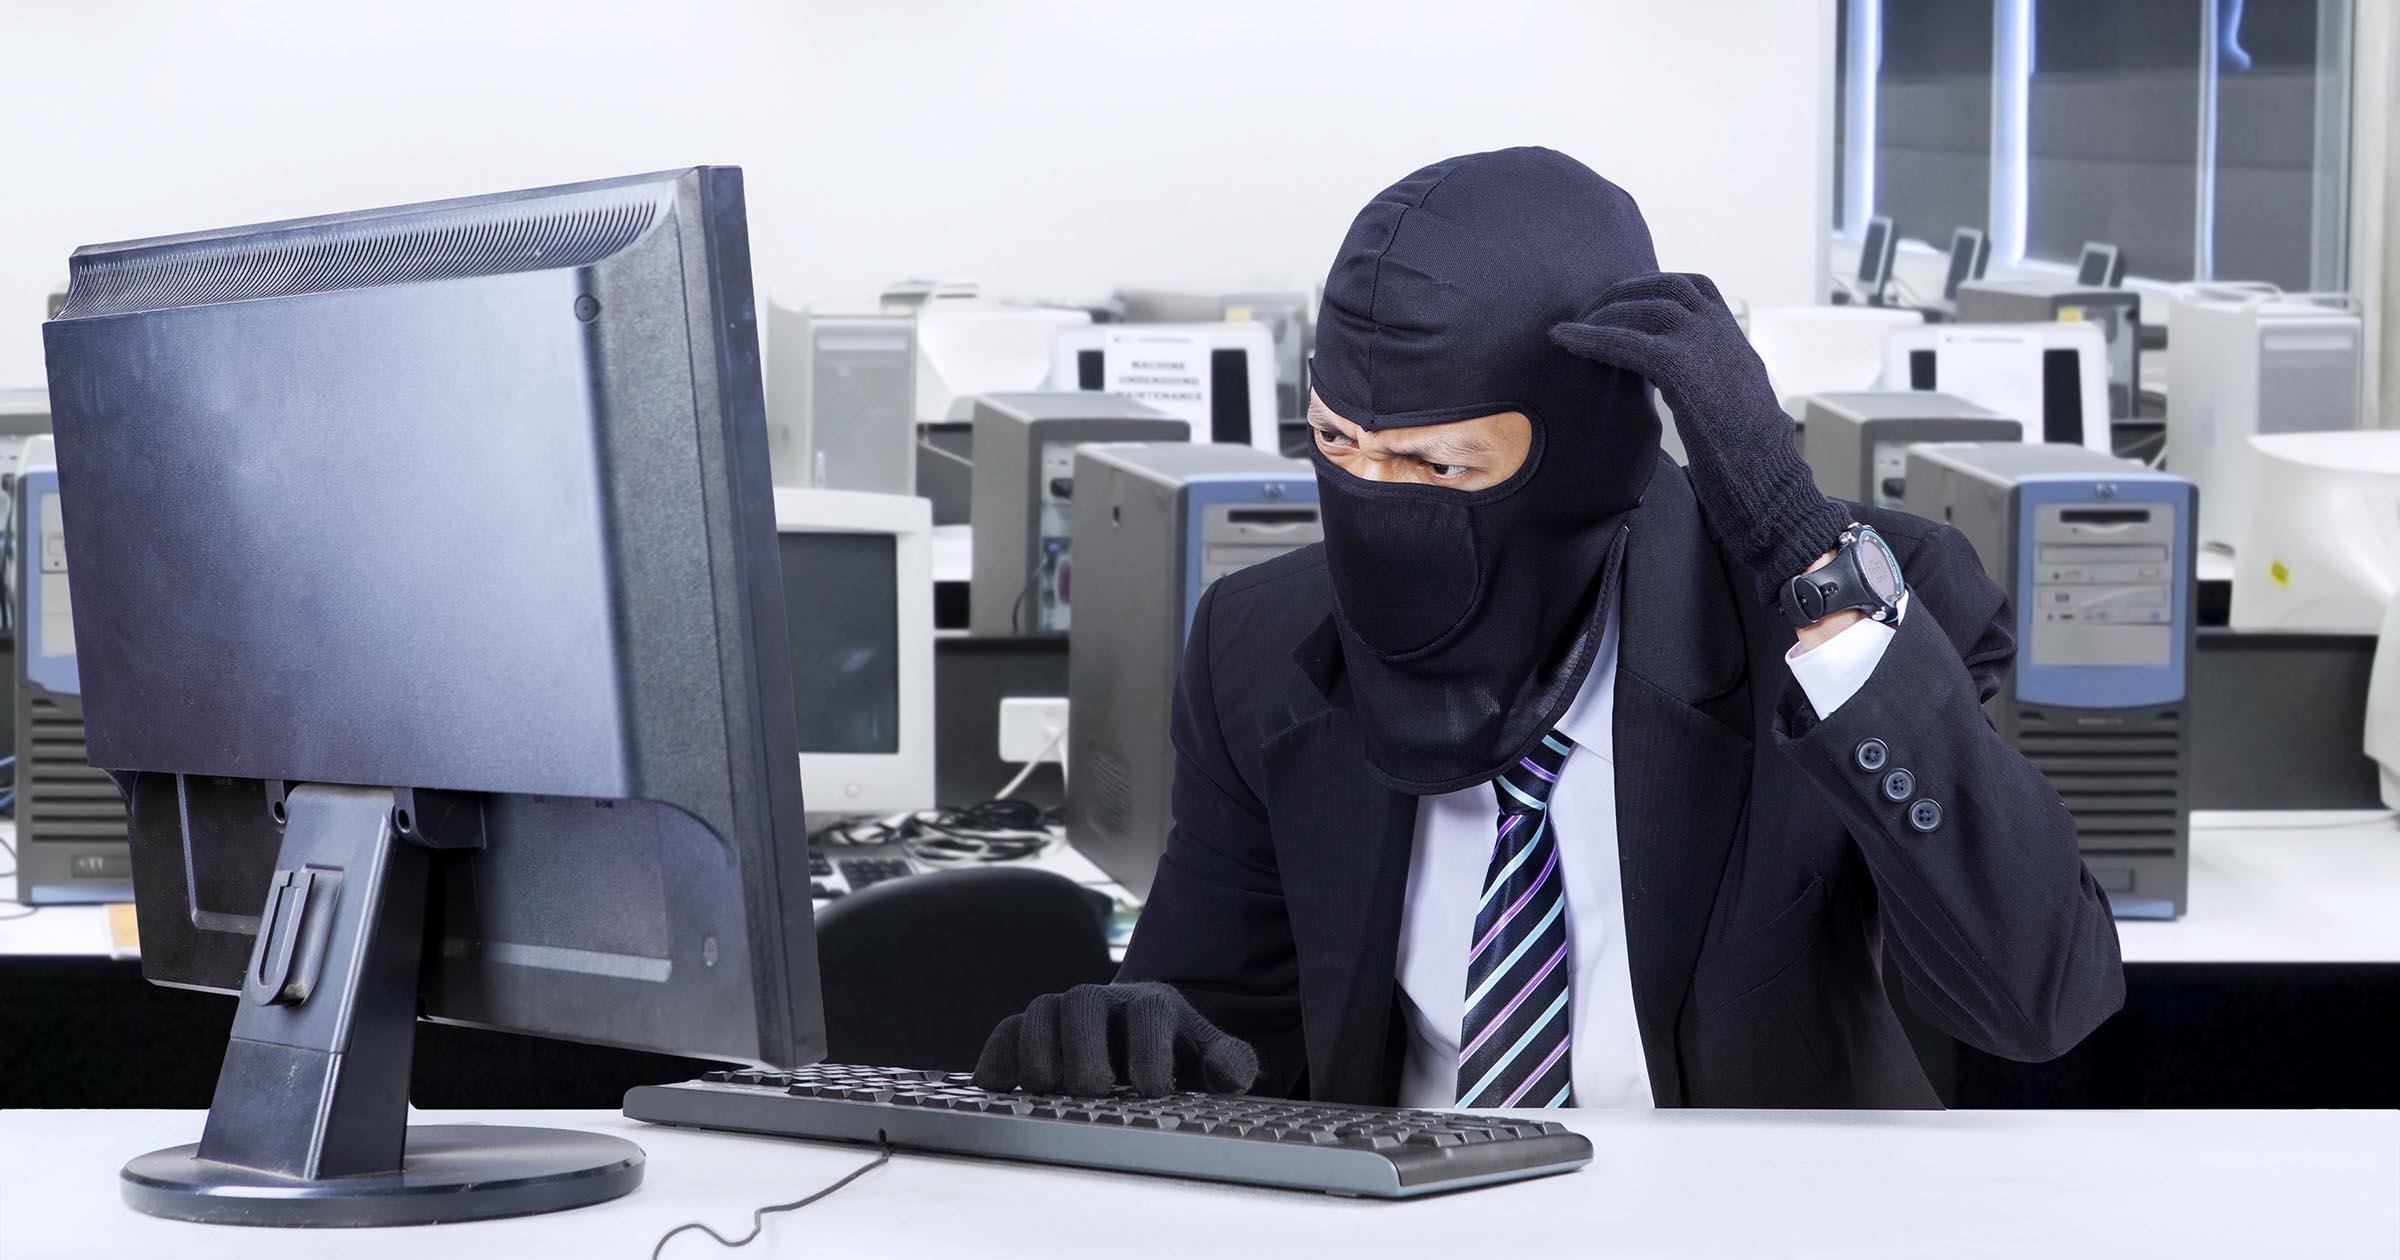 Картинки по безопасности информации